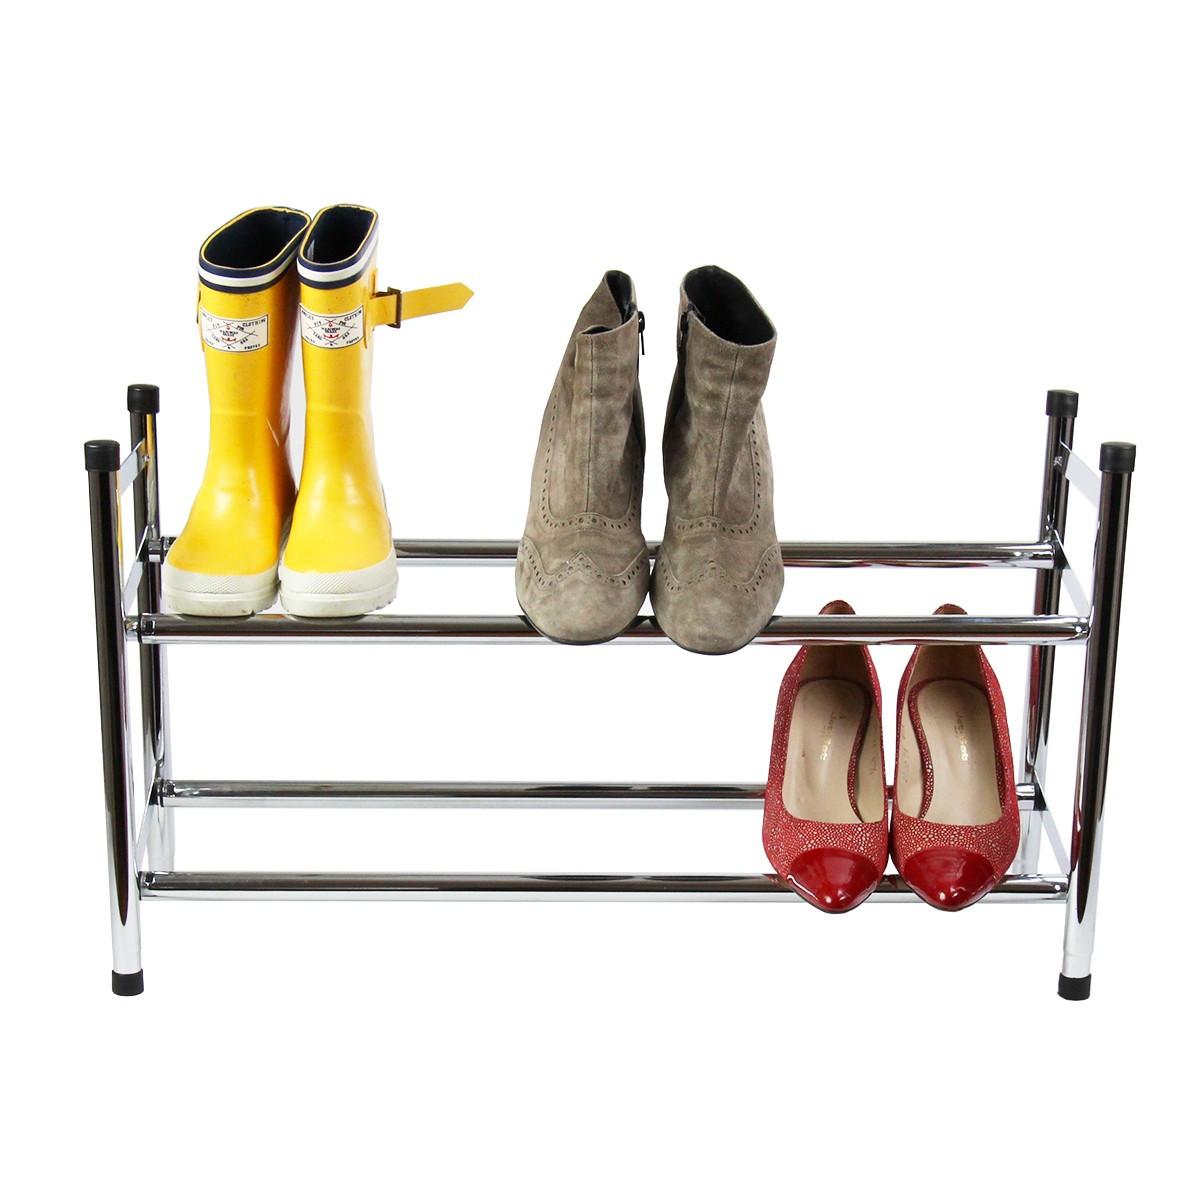 Etagère à chaussures extensible - Rangement